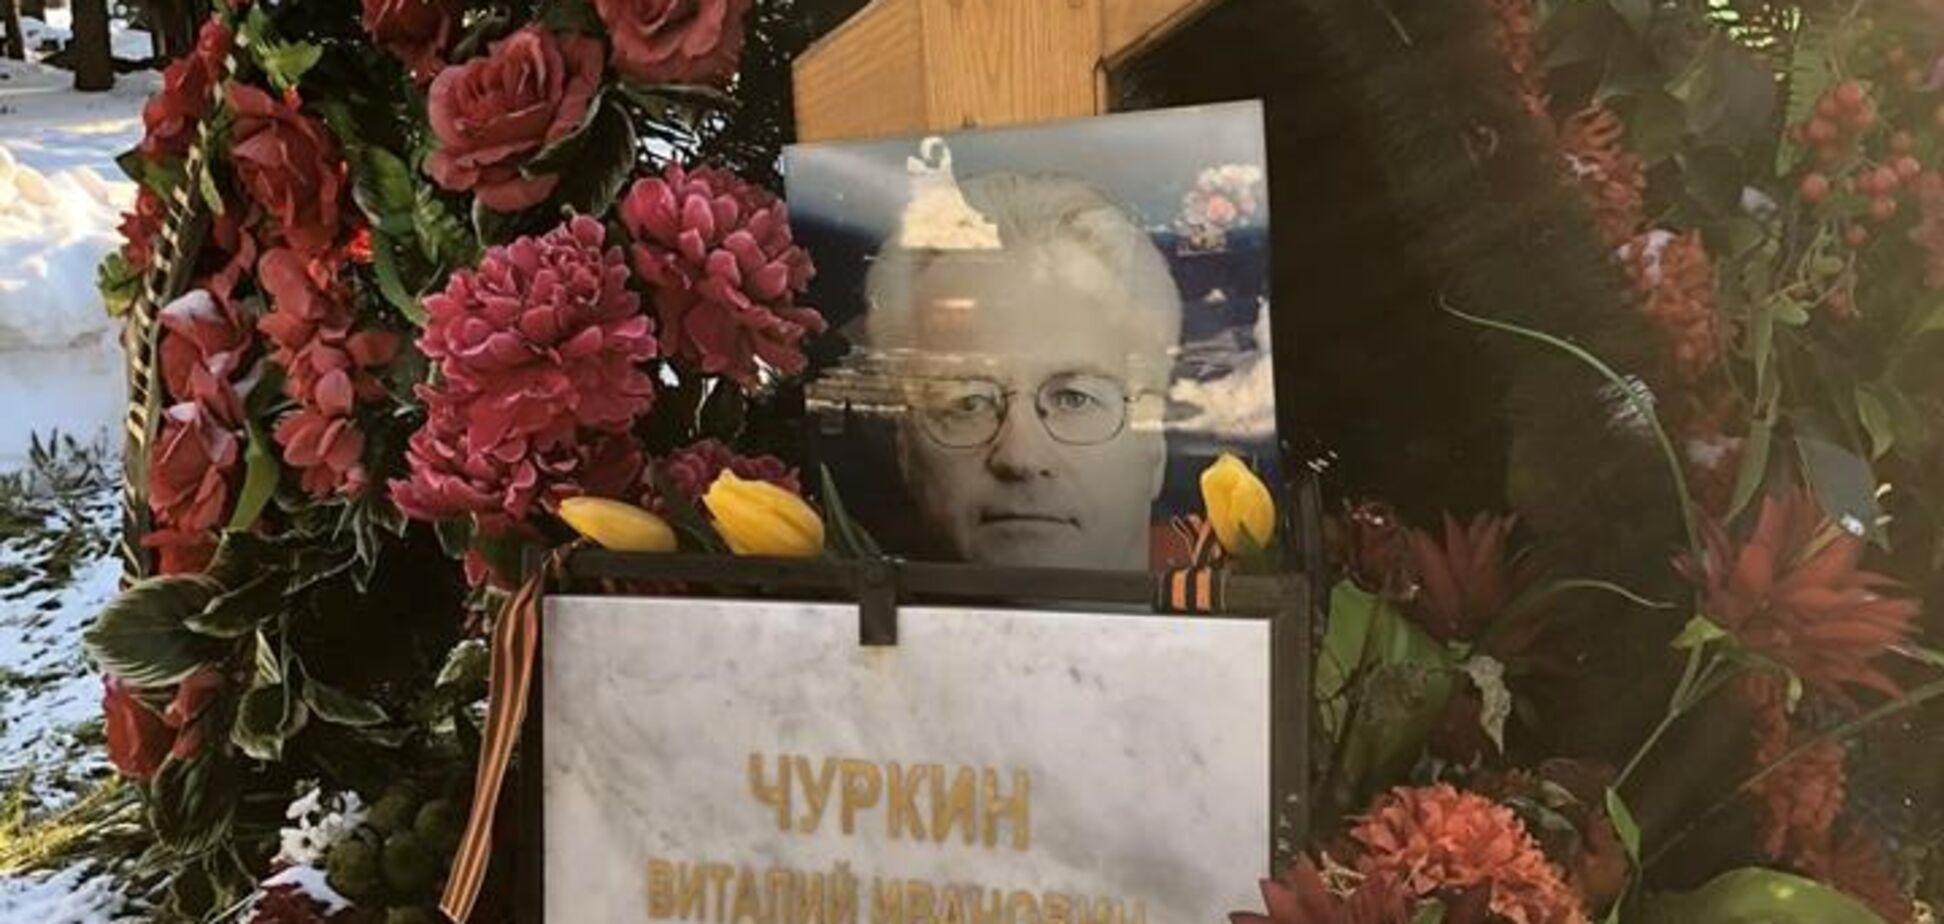 'Подлейший подлог': в сети возник скандал из-за могилы Чуркина